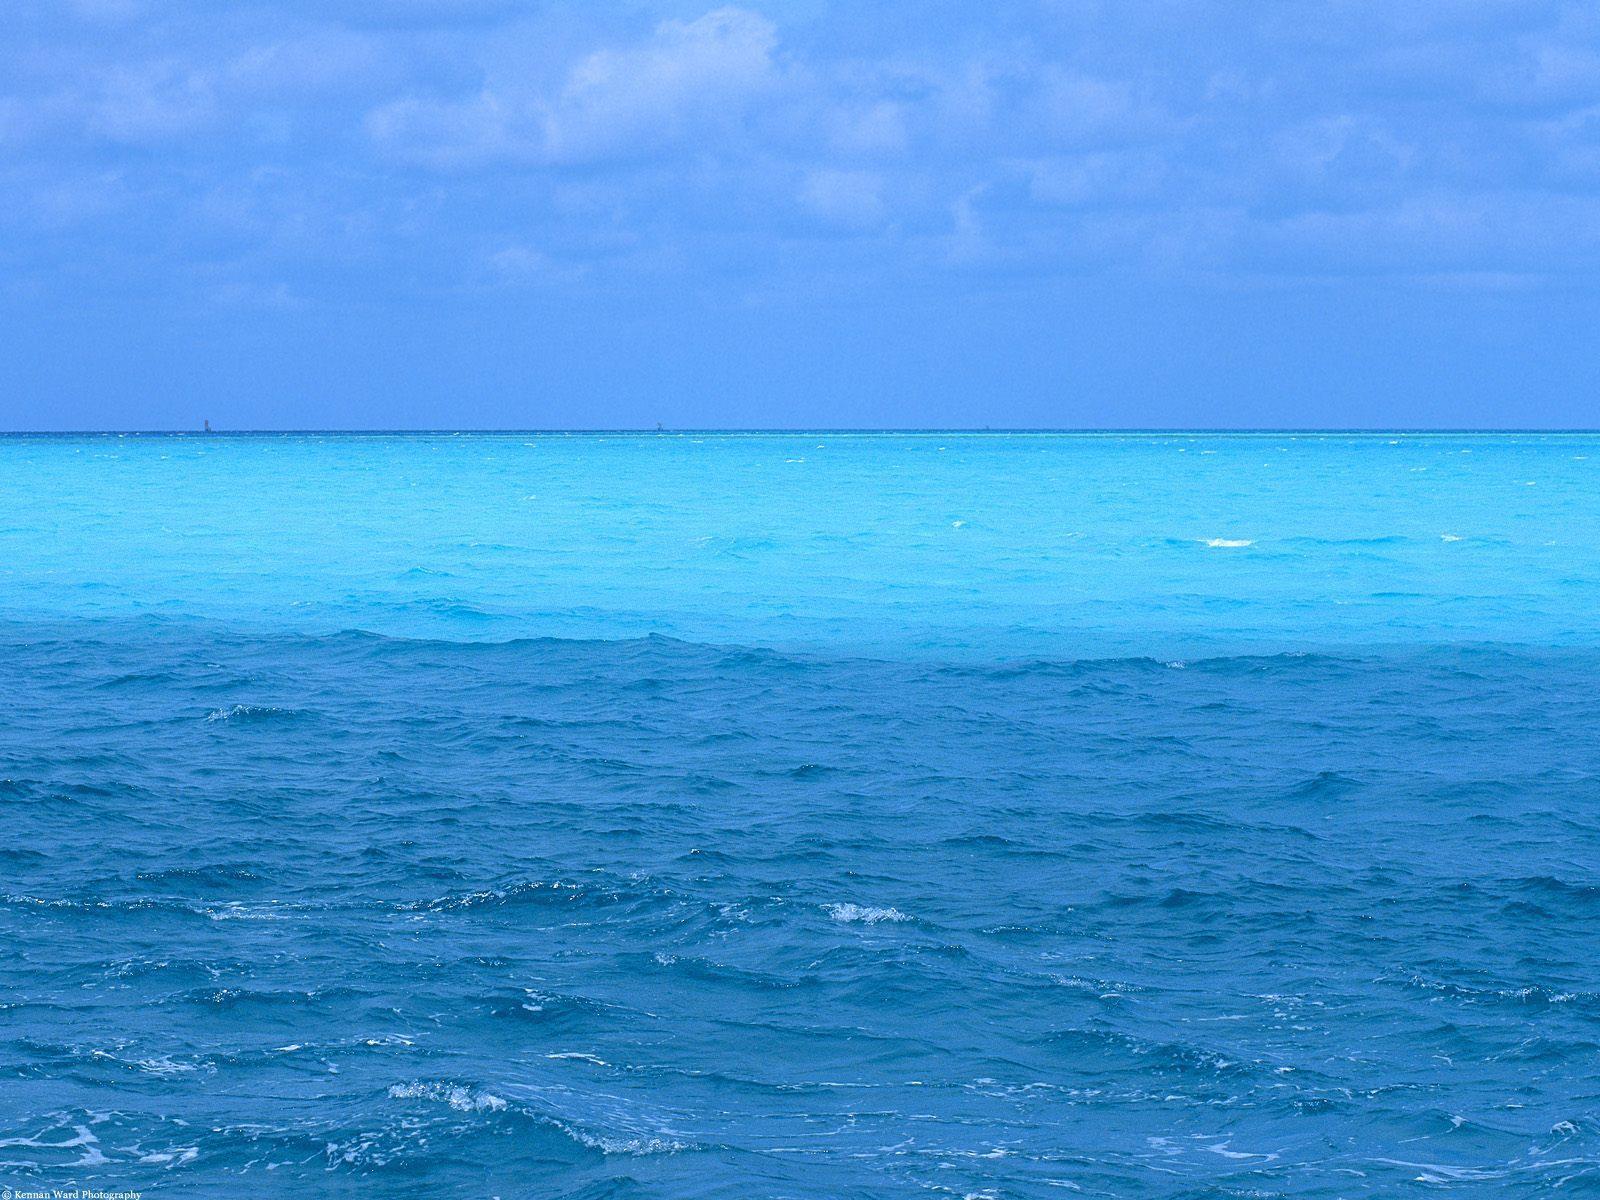 Blue Ocean Design PPT Backgrounds